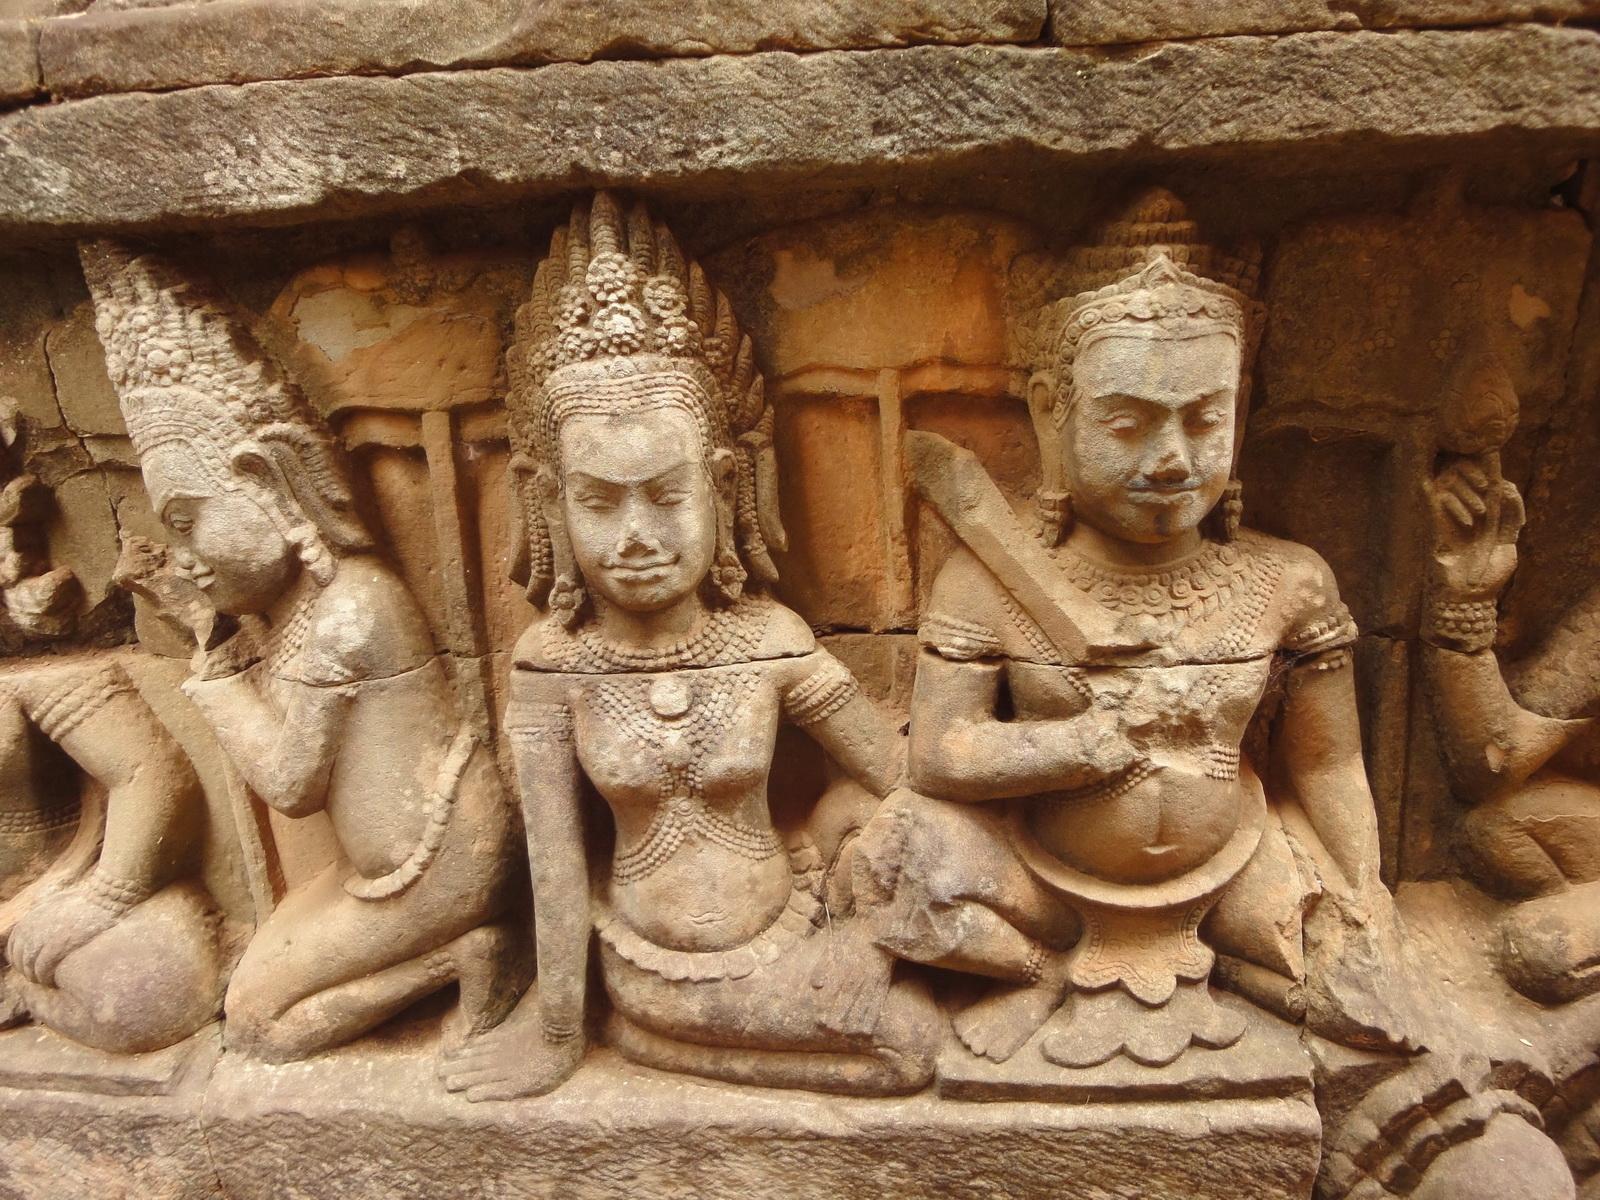 Leper King Terrace hidden wall underworld Nagas and deities 019